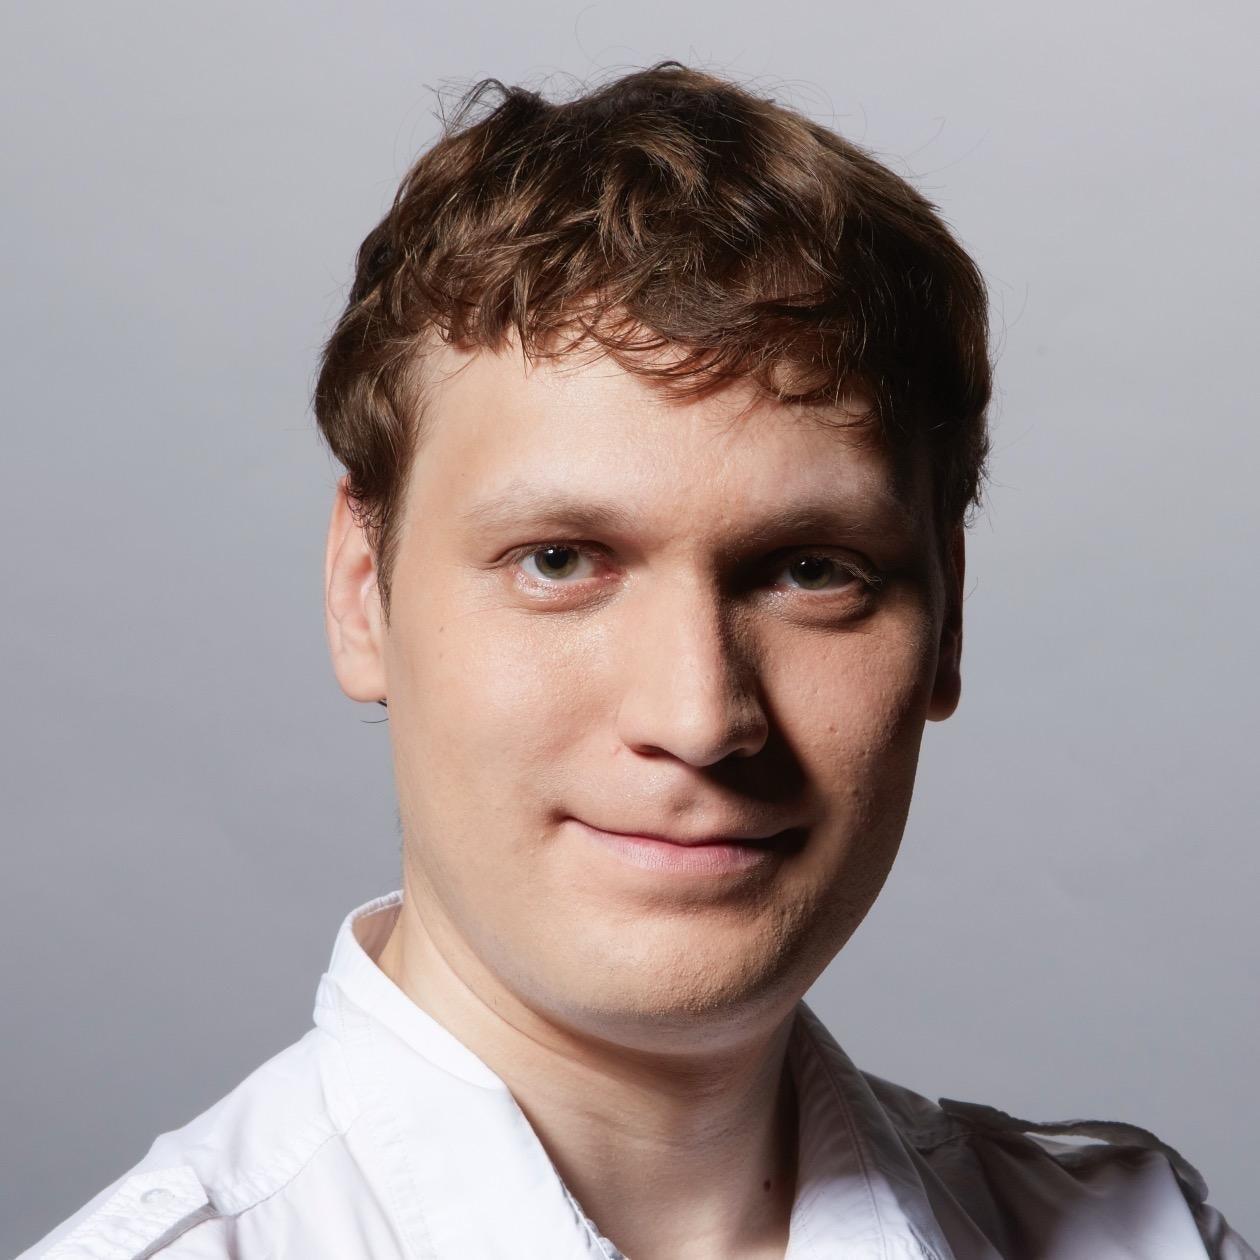 Kamil Brzezinski